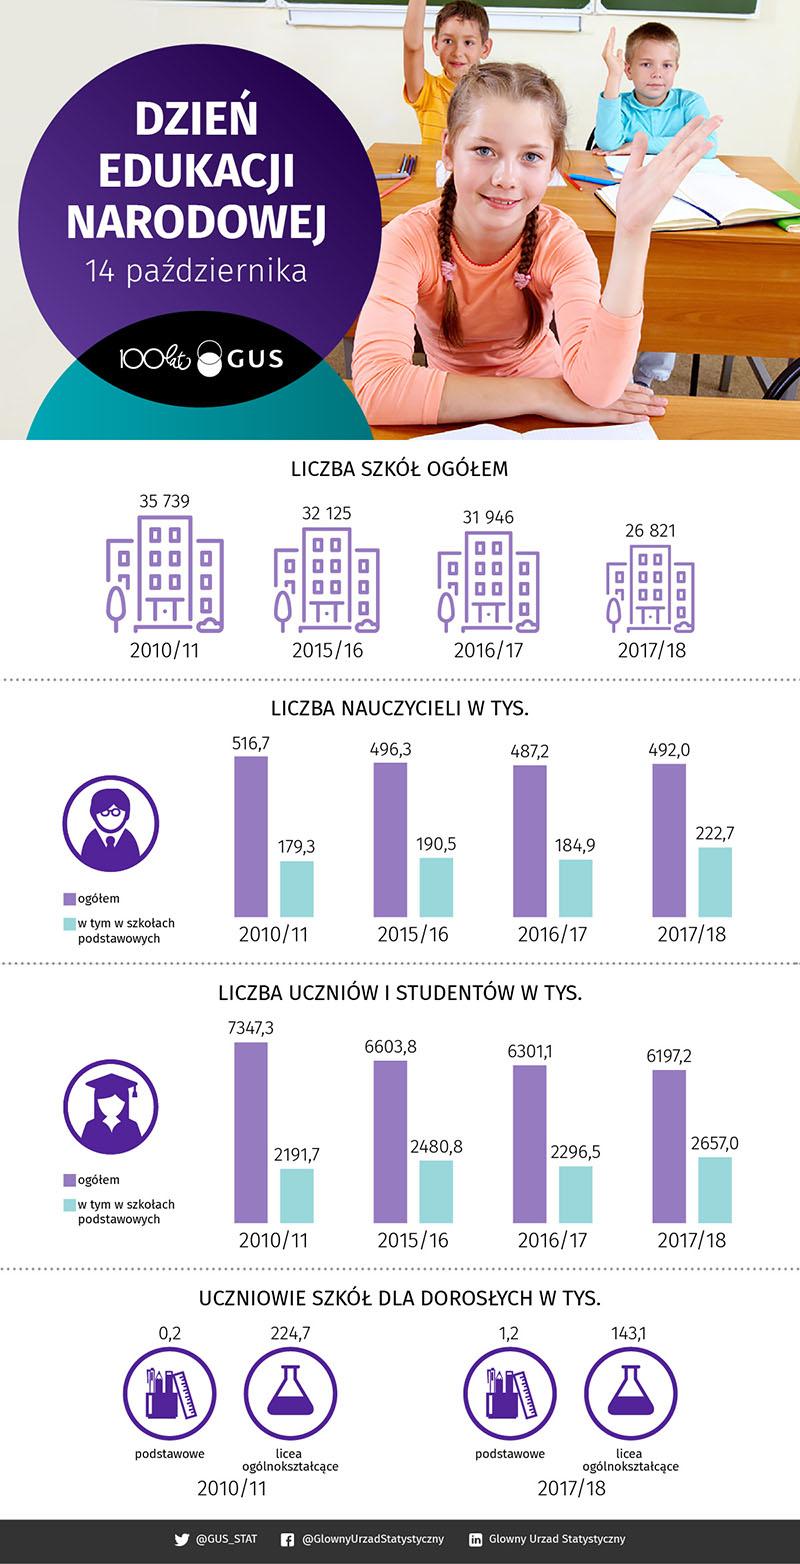 Dzień Edukacji Narodowej - infografika